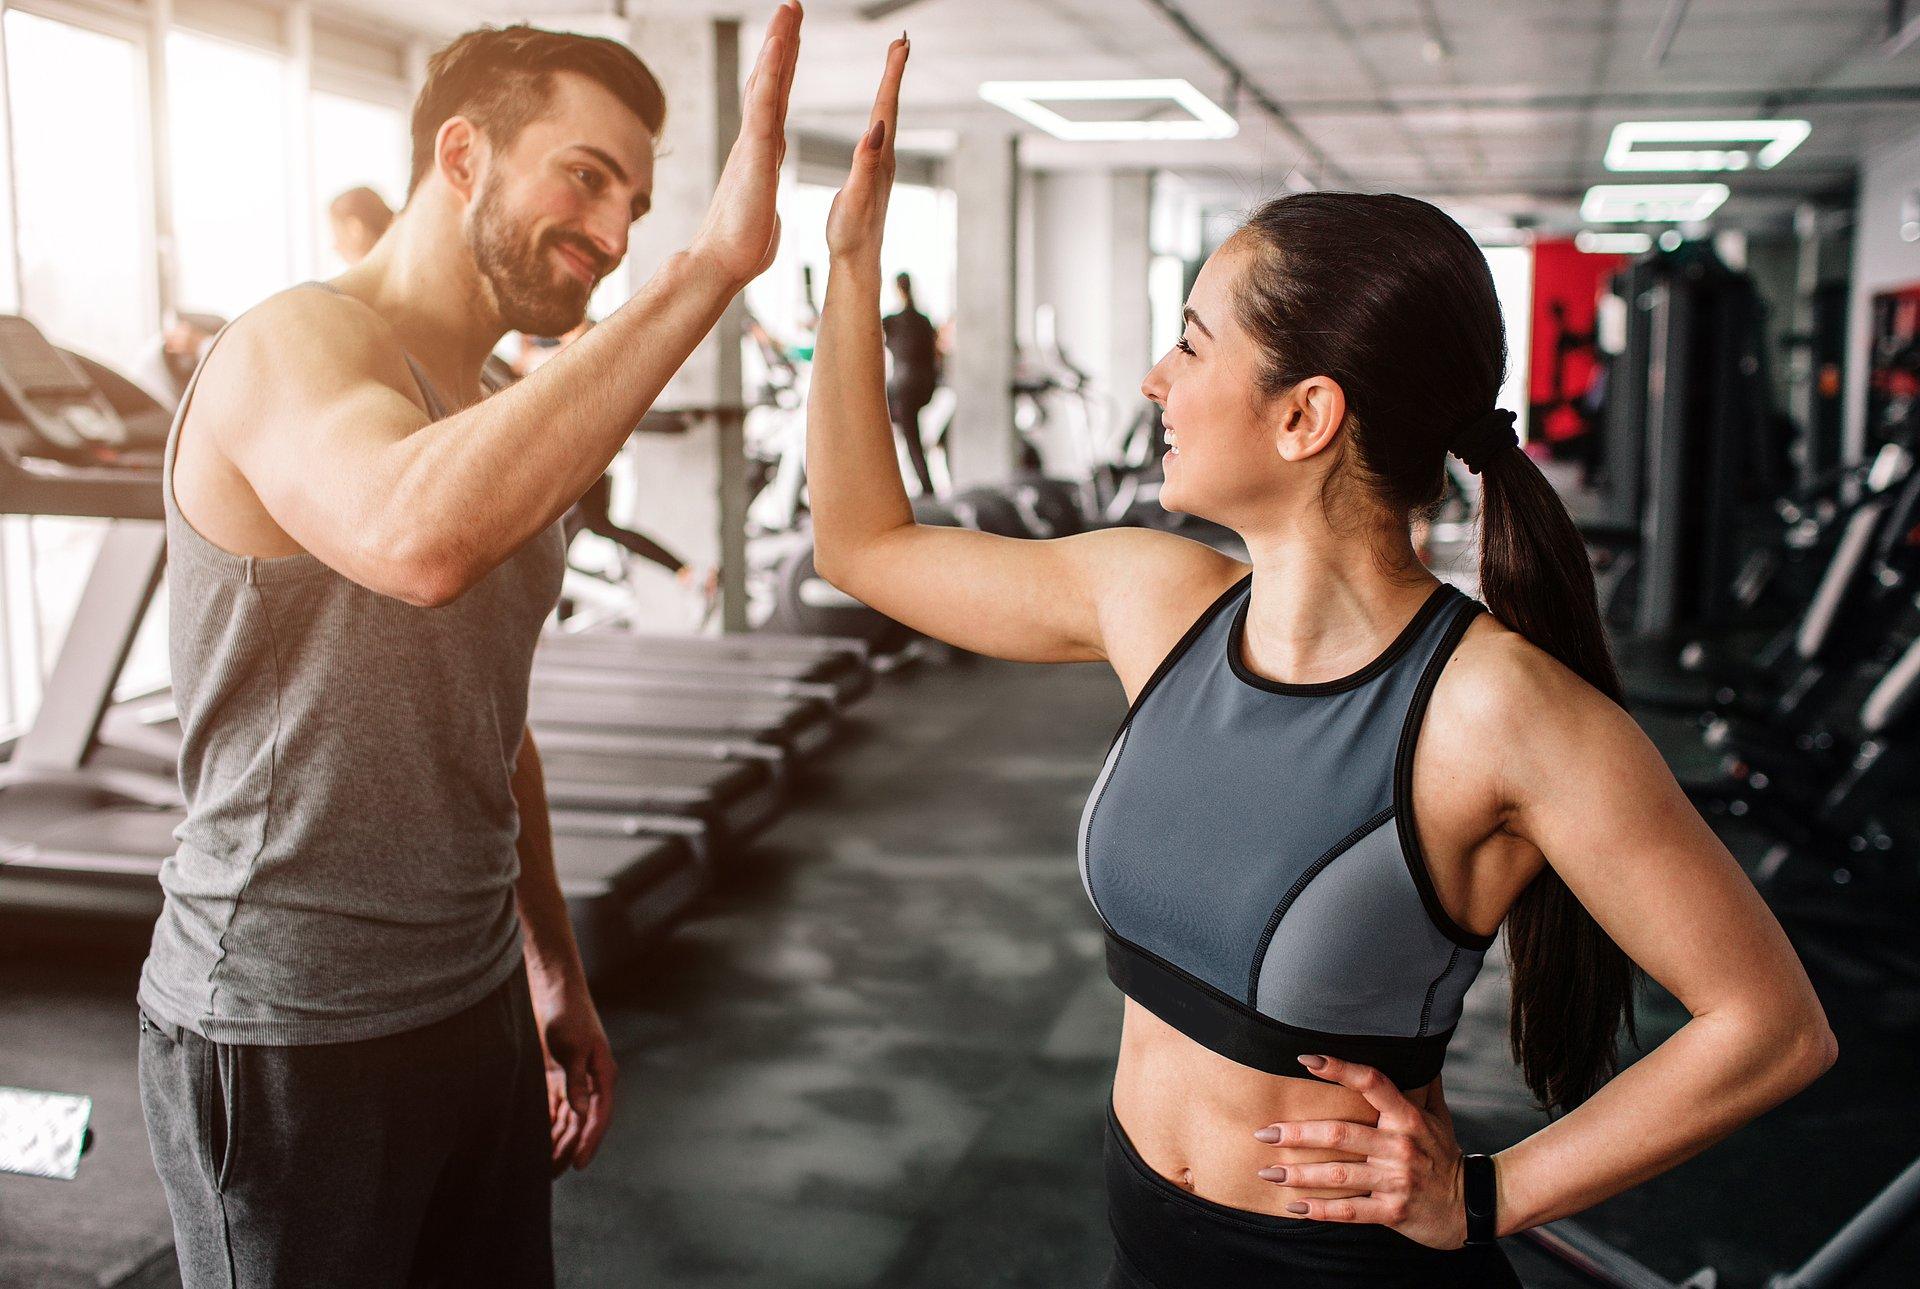 Łatwy przepis na skuteczną motywację do regularnej aktywności fizycznej? Grywalizacja i szczypta poczucia humoru